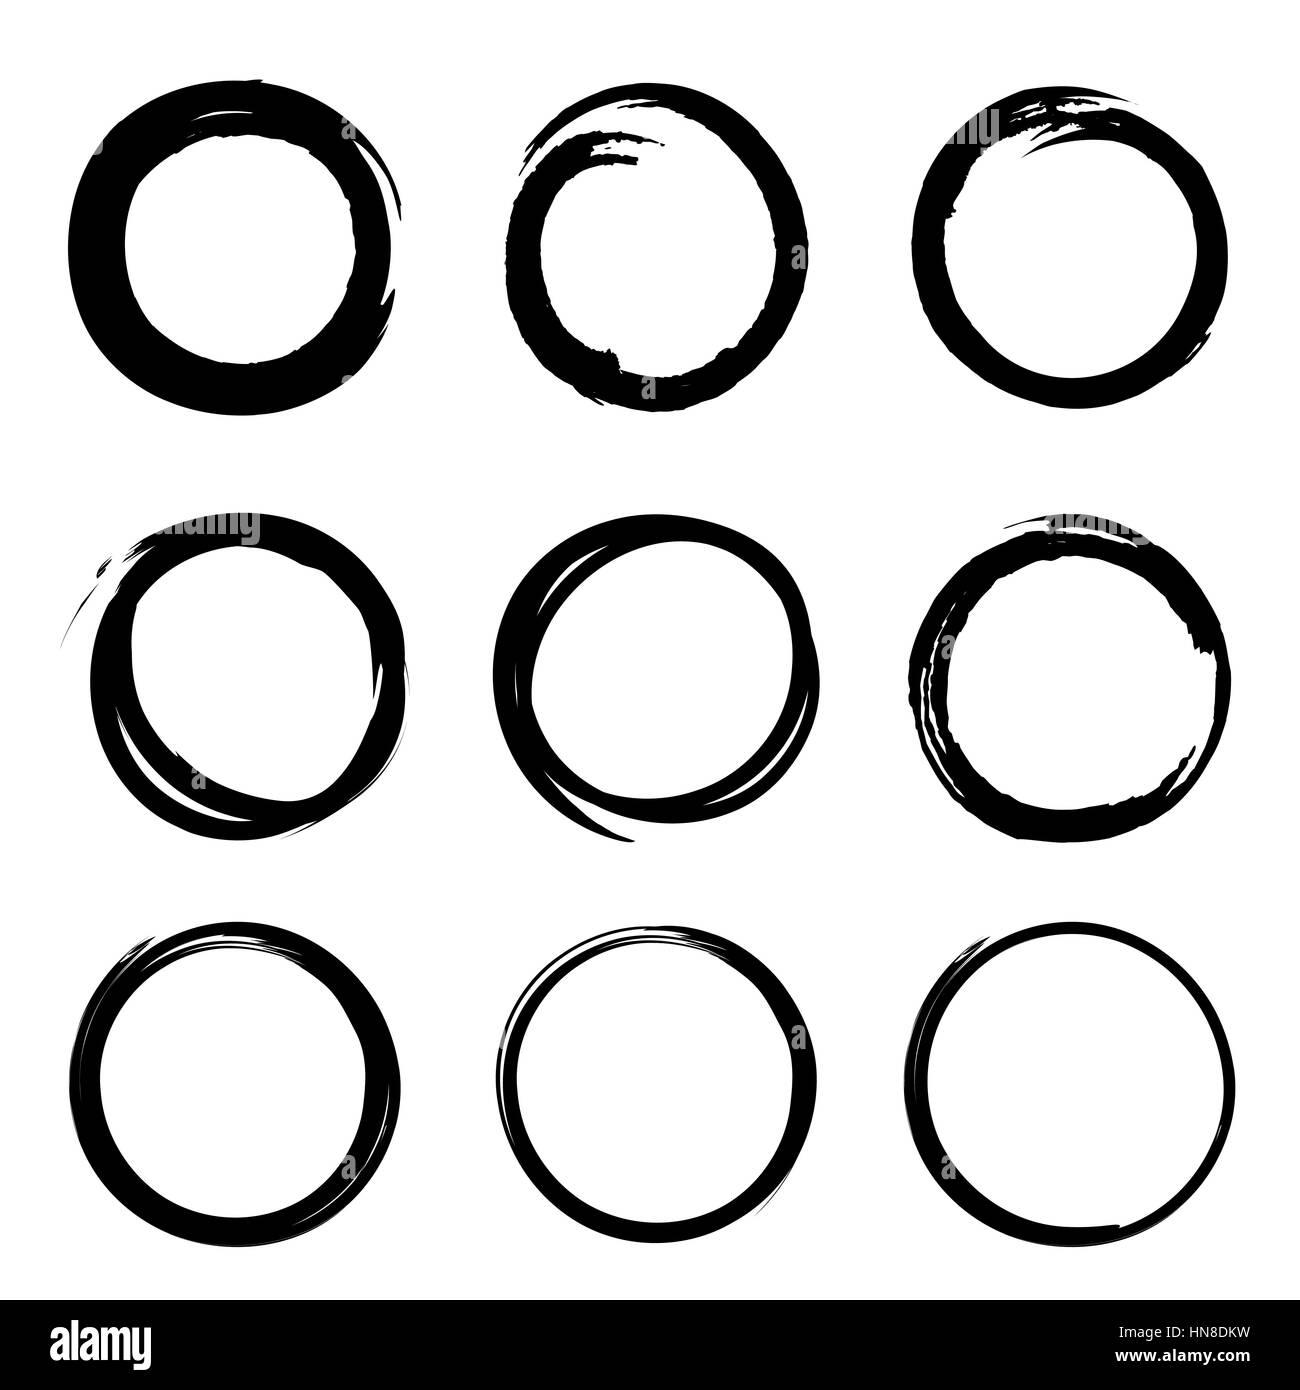 Grunge forma rotonda set di scribble cerchi disegnati a mano doodle schizzo gli elementi di design Immagini Stock